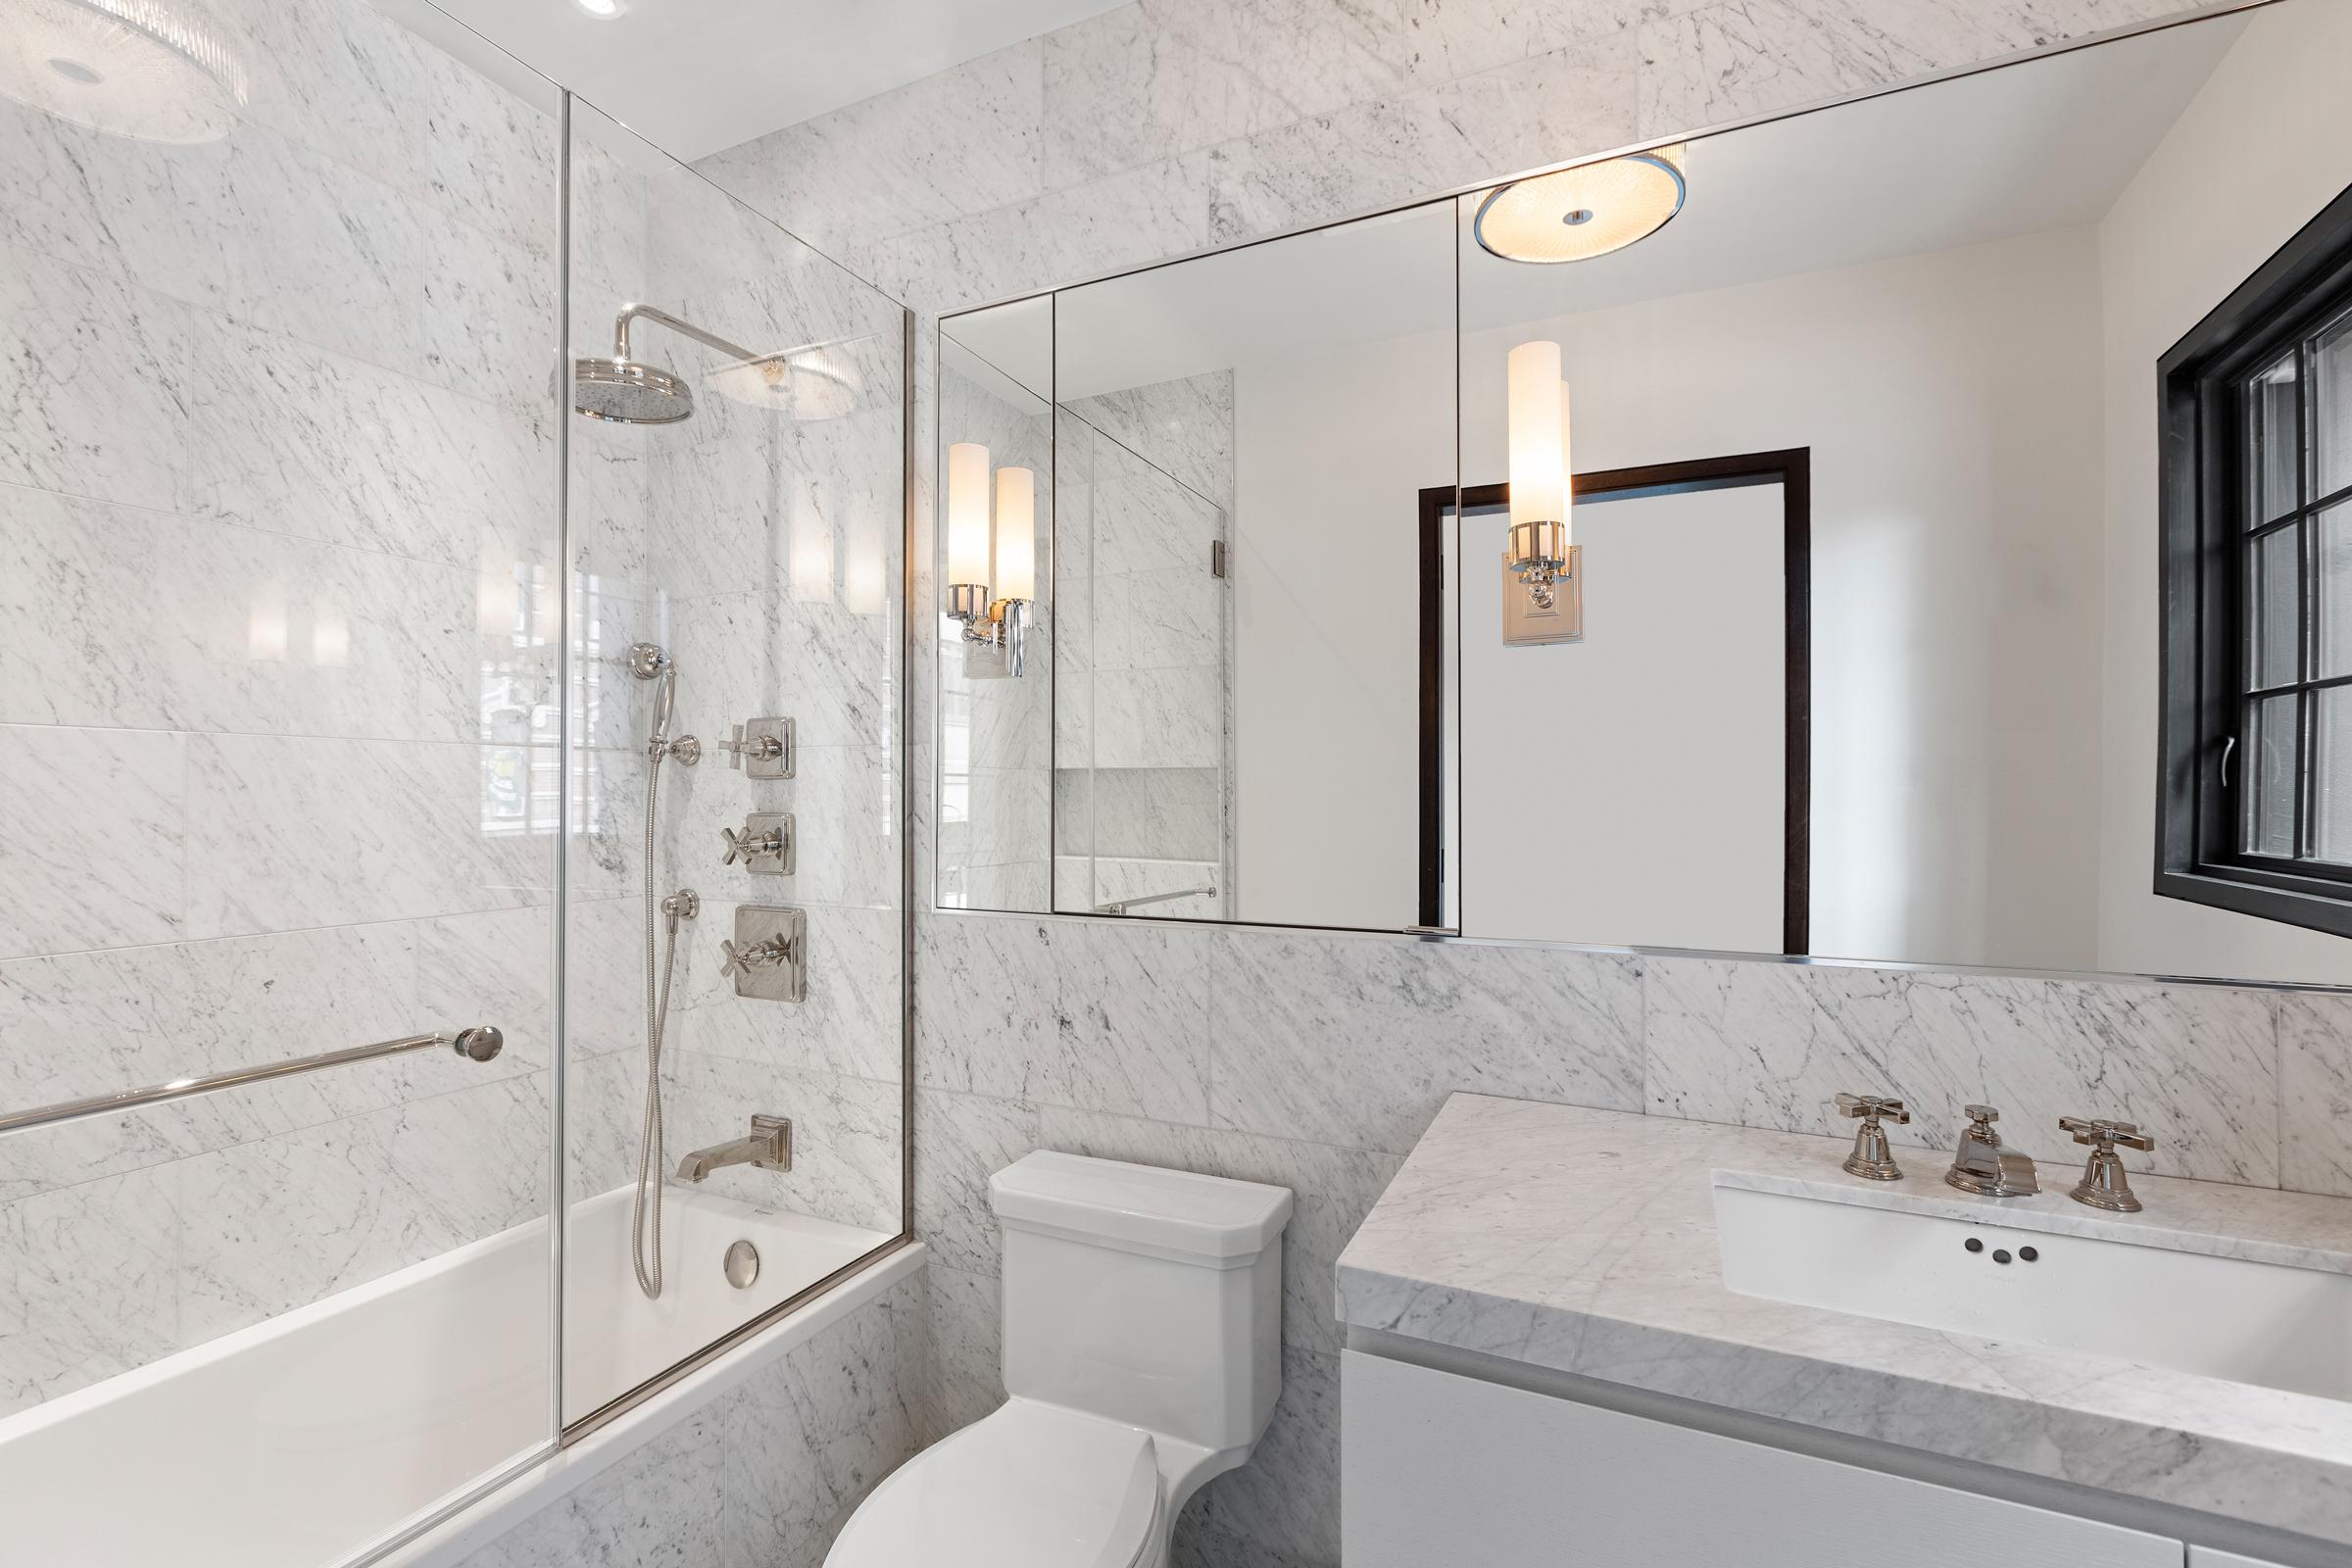 Thompson_Bathroom-03.jpg